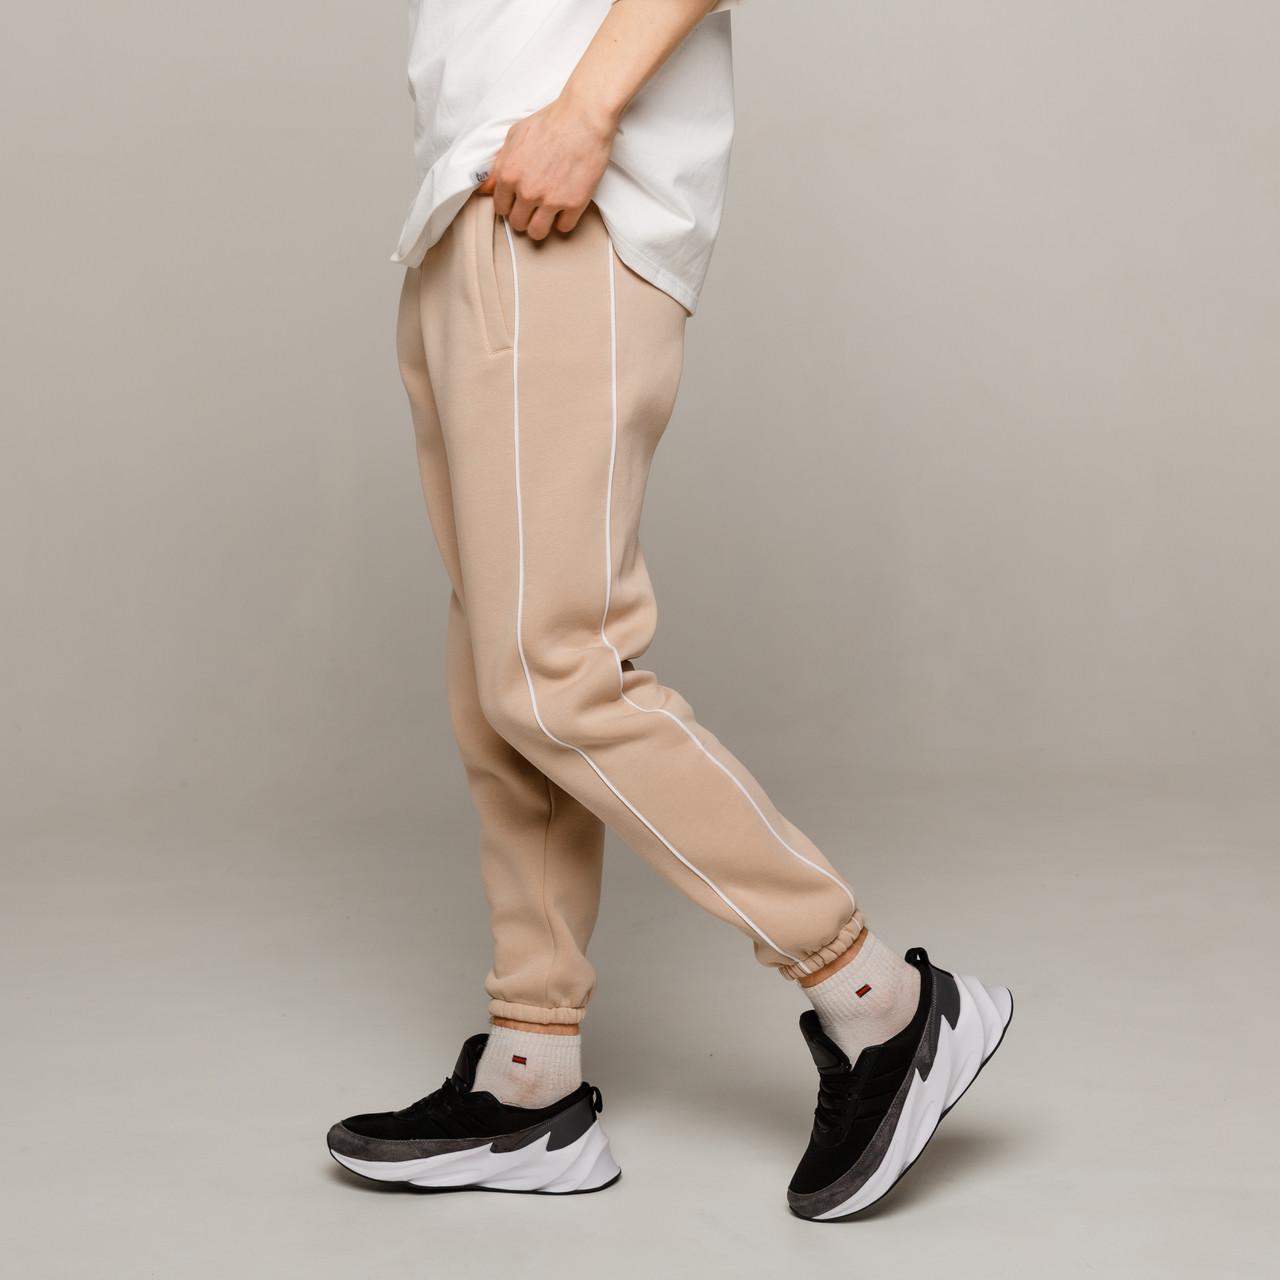 Зимние спортивные штаны мужские бежевые от бренда ТУР модель Сектор (Sector)